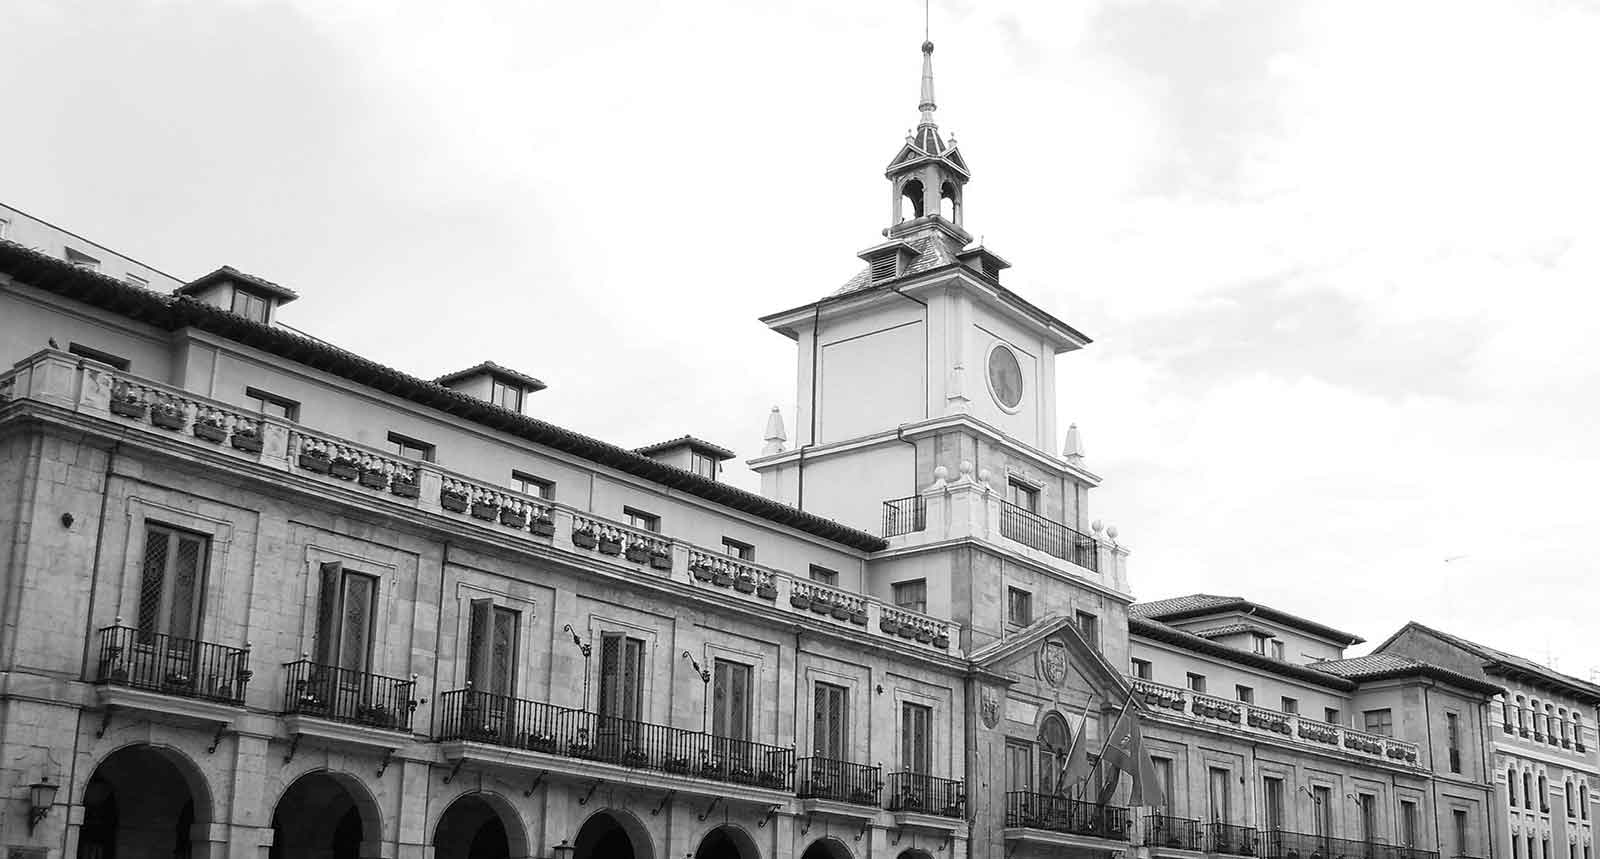 Pide tus productos de imprenta para Oviedo y Asturias ahora.